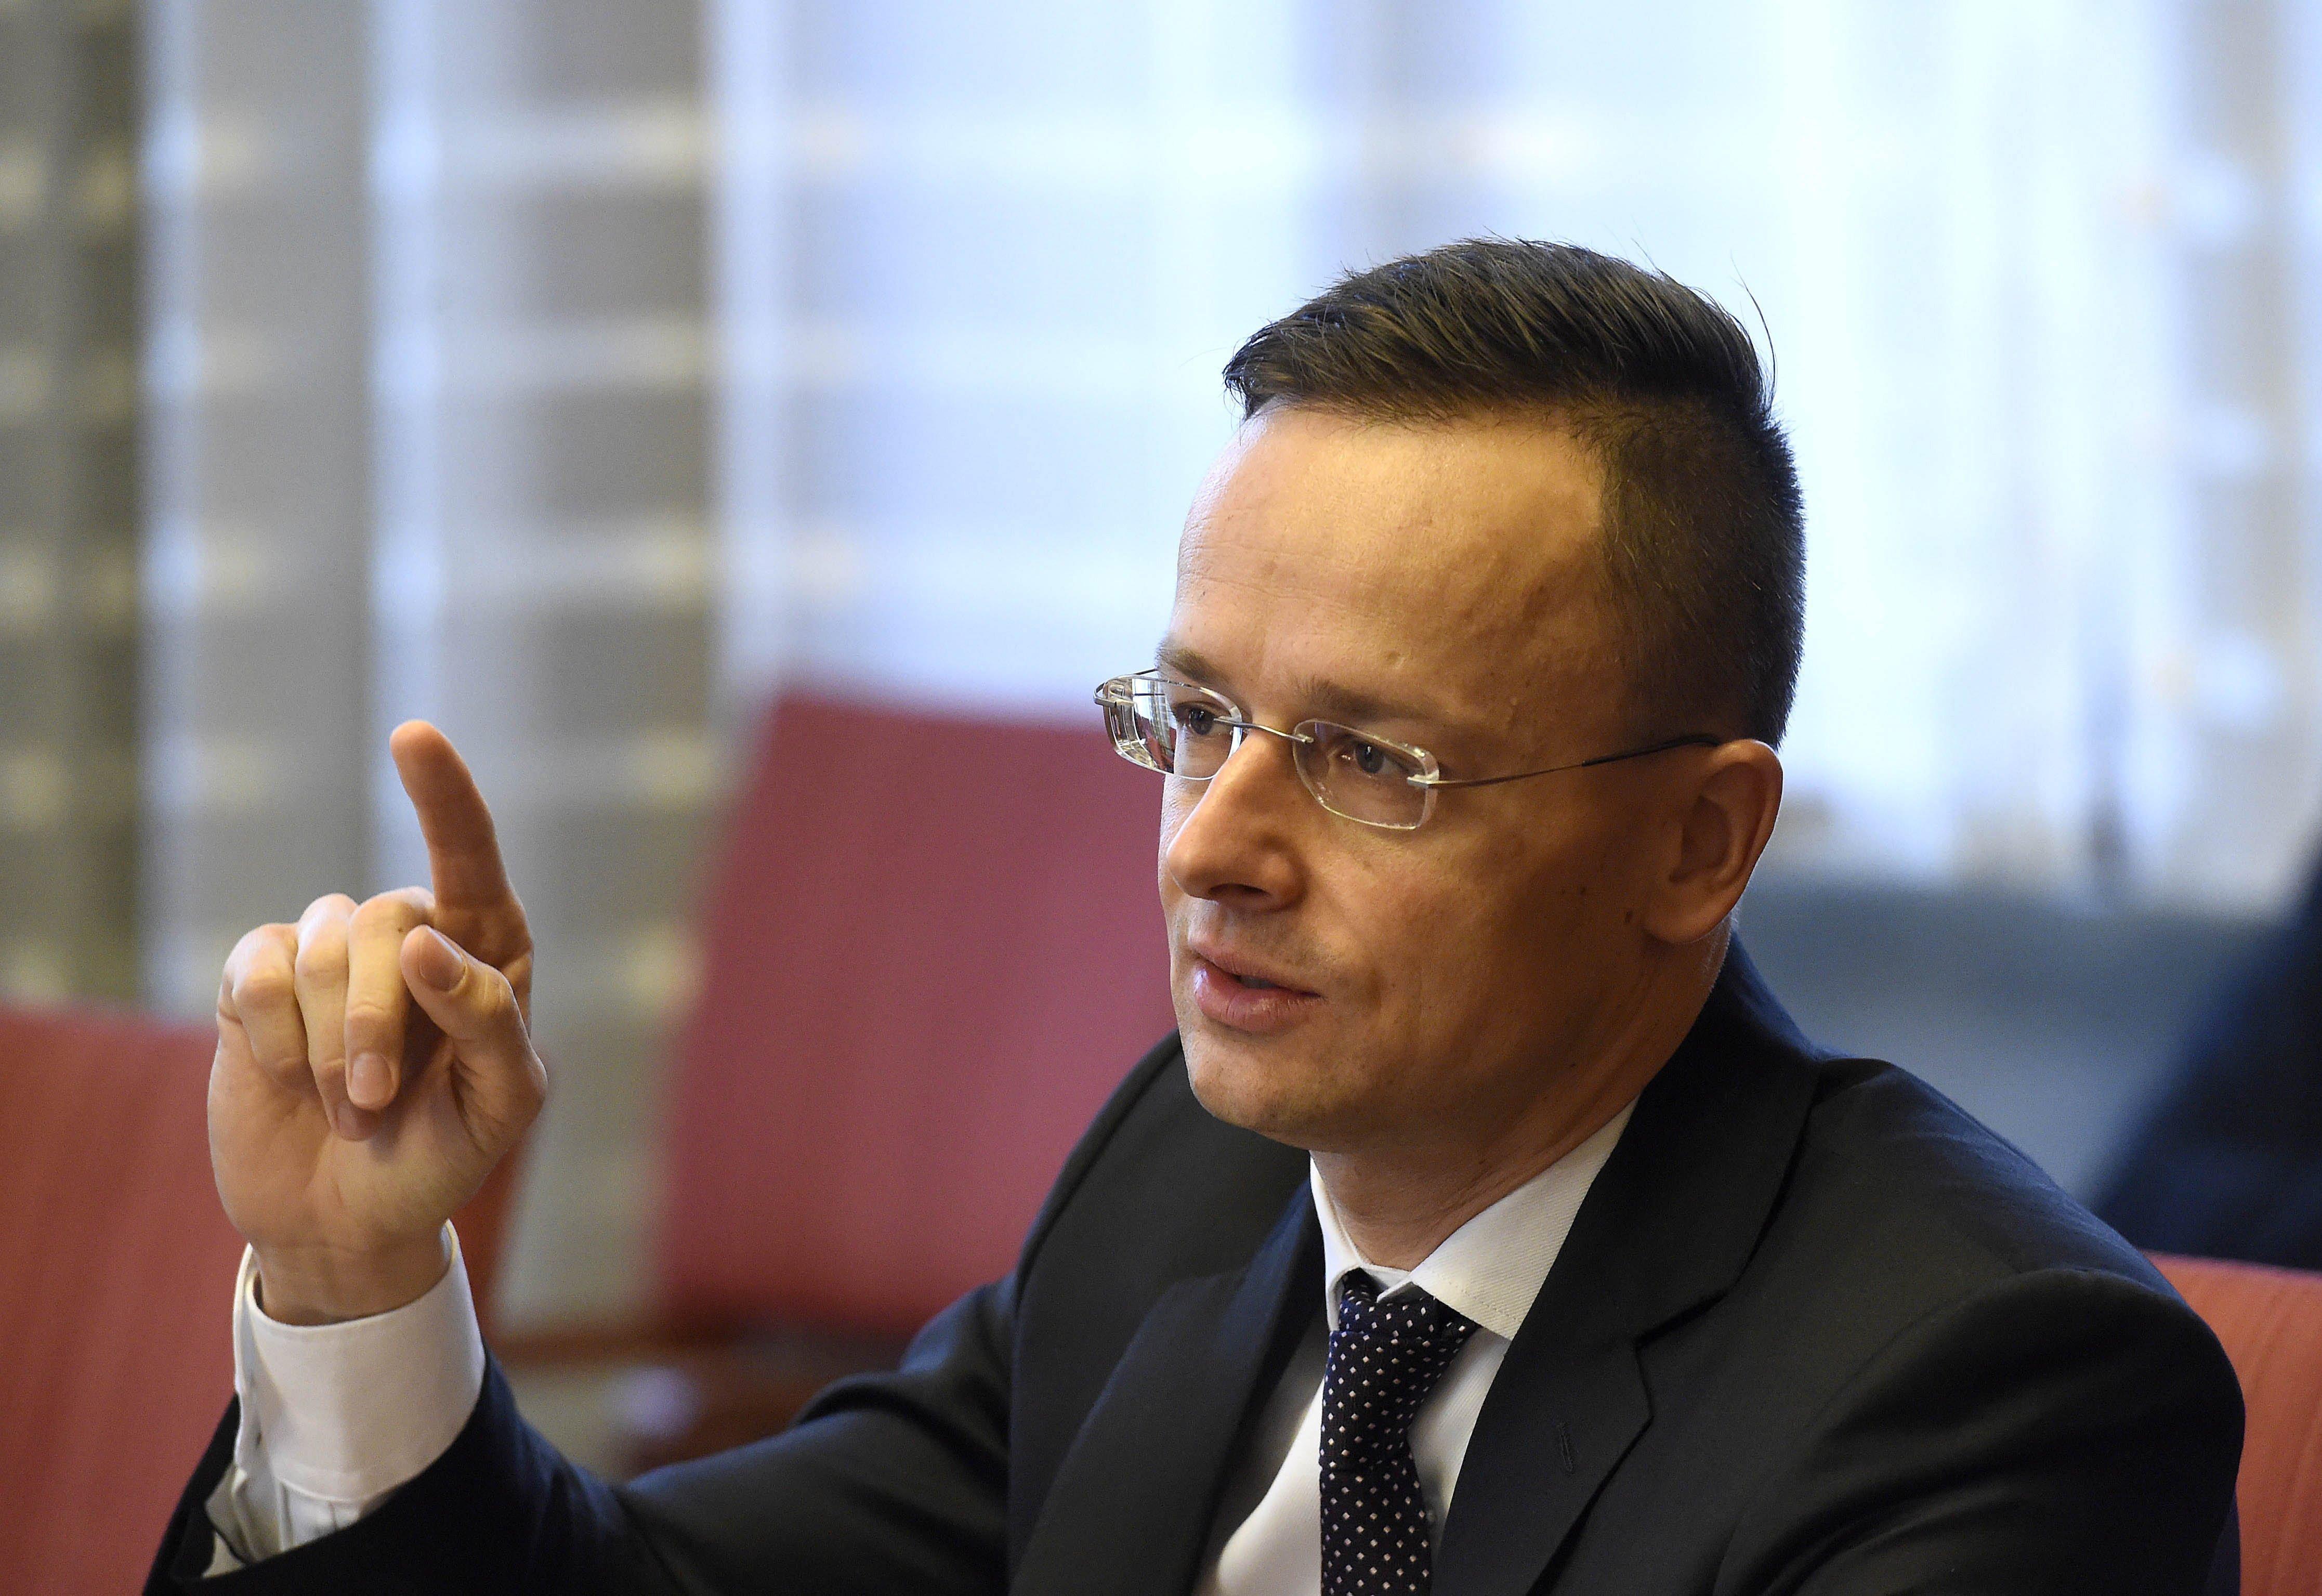 Szijjártó berendelte a román nagykövetet a miniszterelnök akasztós nyilatkozata miatt